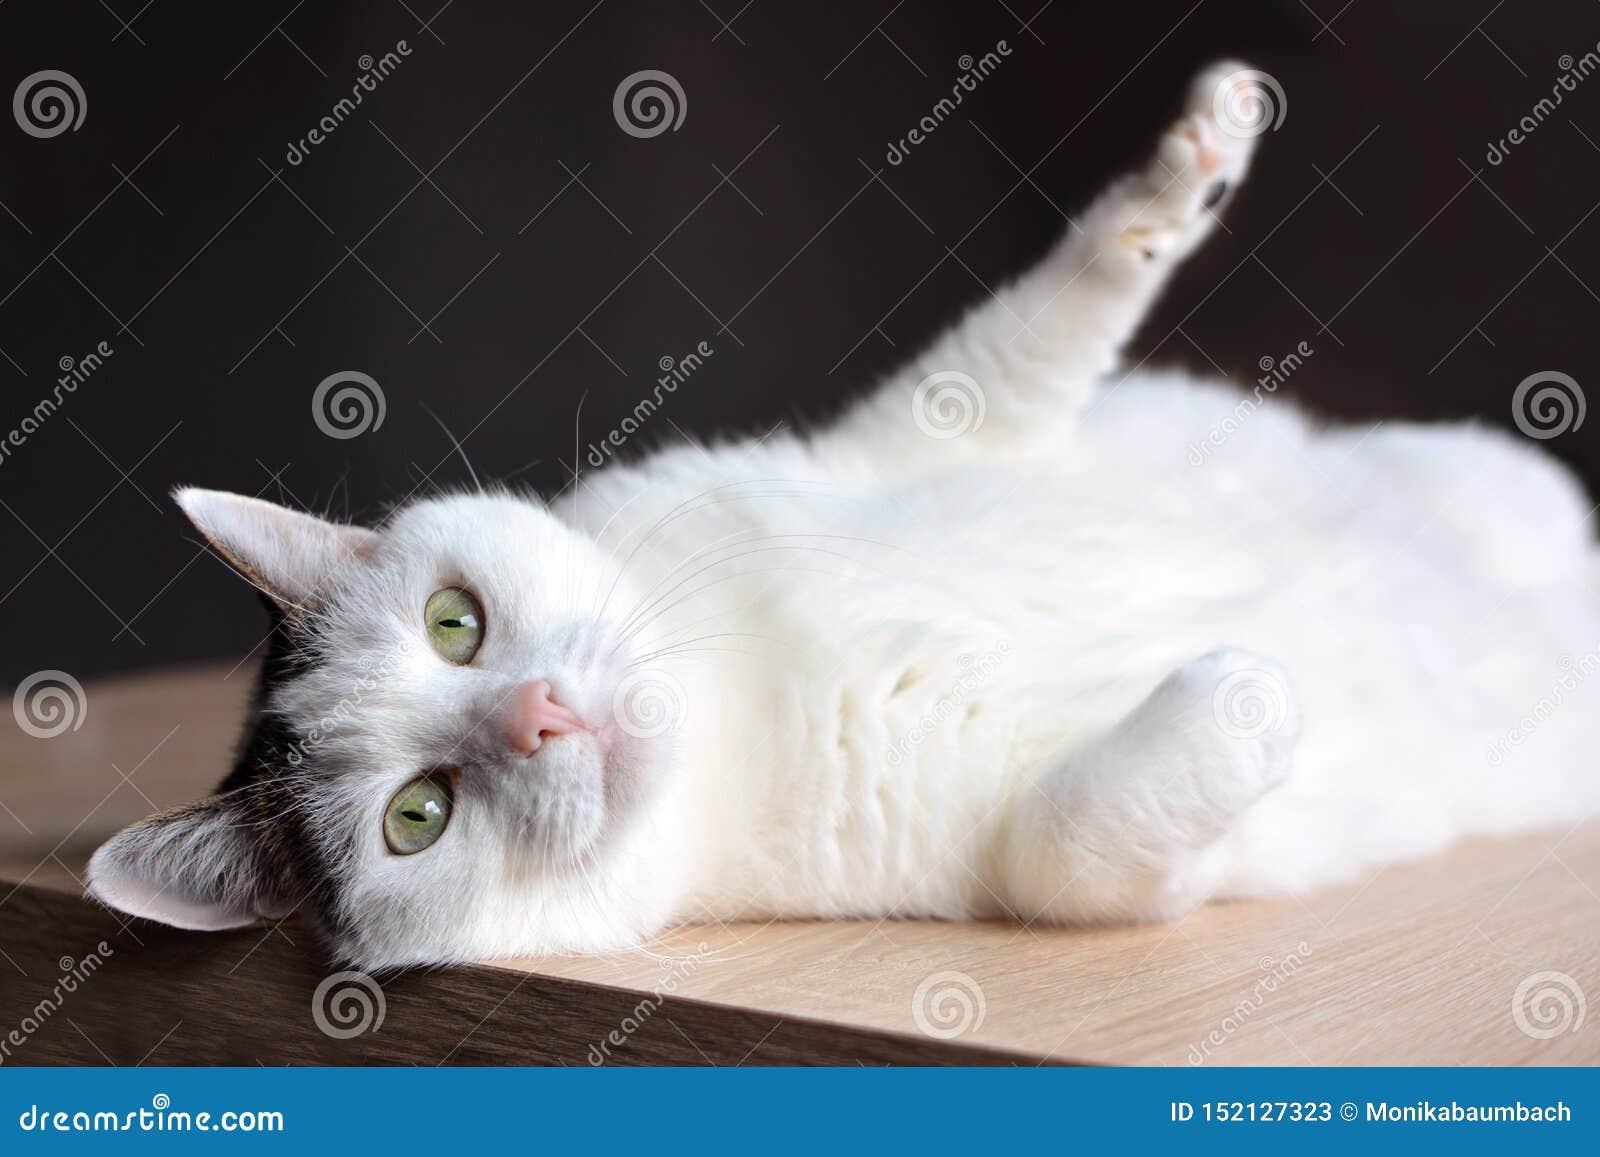 Weiße Katze der getigerten Katze mit grünen Augen und rosa der Nase, die auf Bretterboden auf dunklem Hintergrund liegt